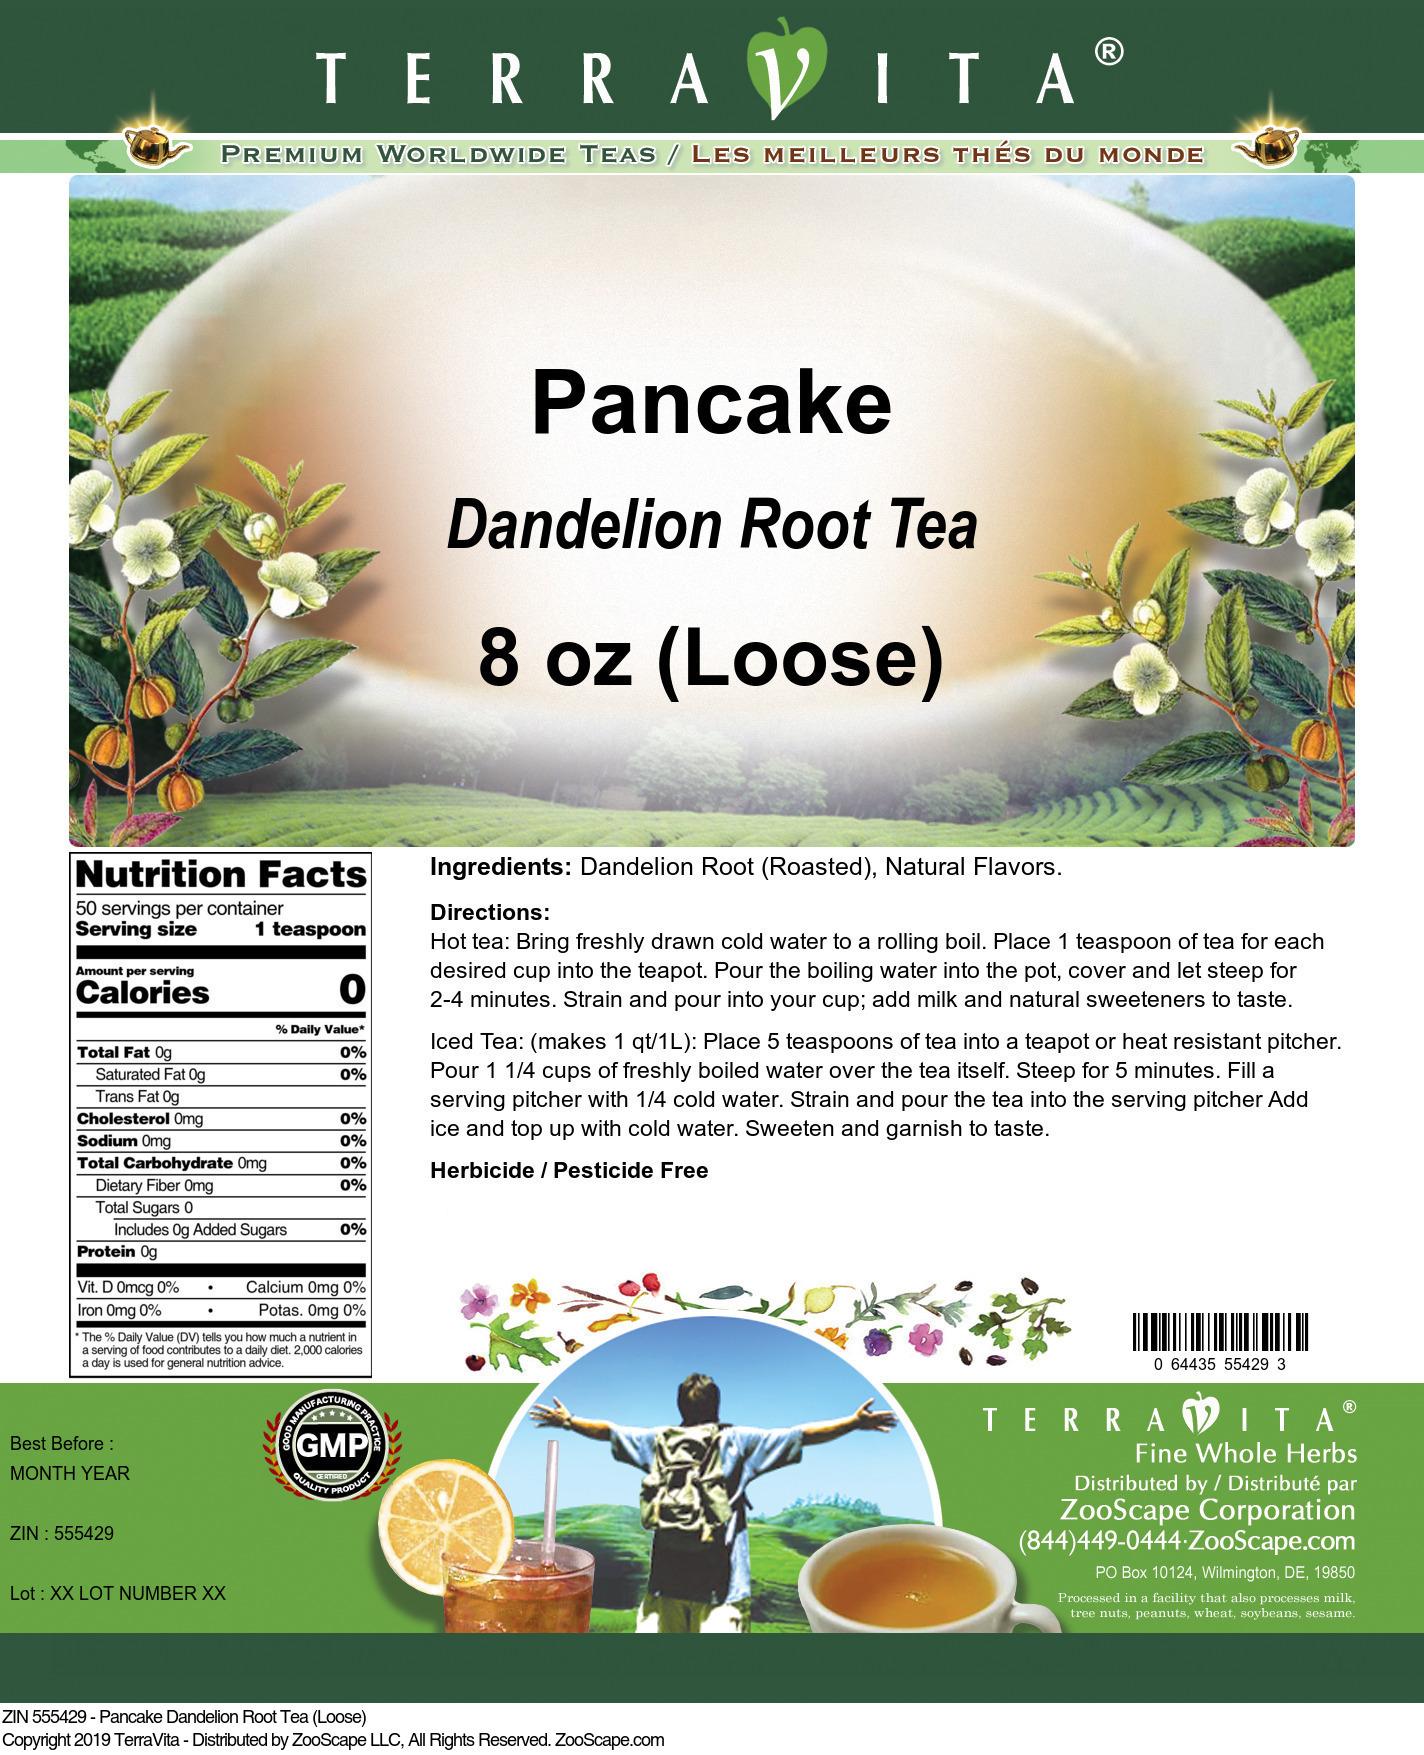 Pancake Dandelion Root